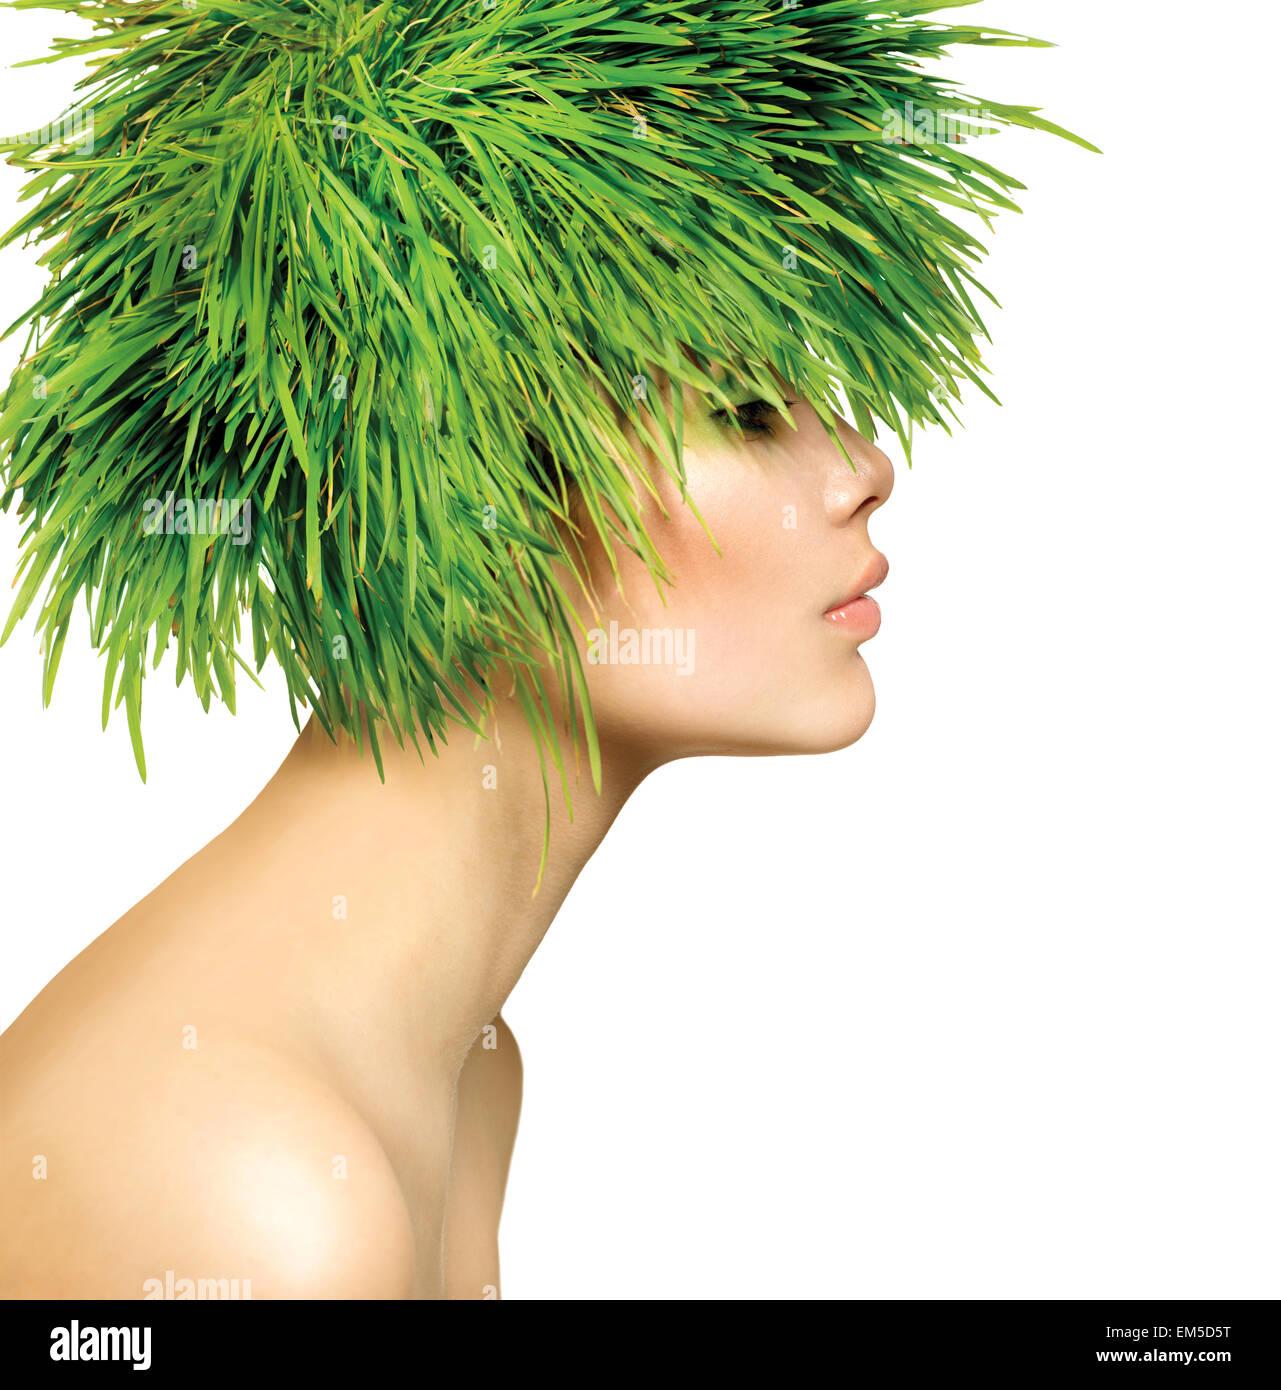 Muelle de belleza mujer con cabello verde hierba fresca Imagen De Stock